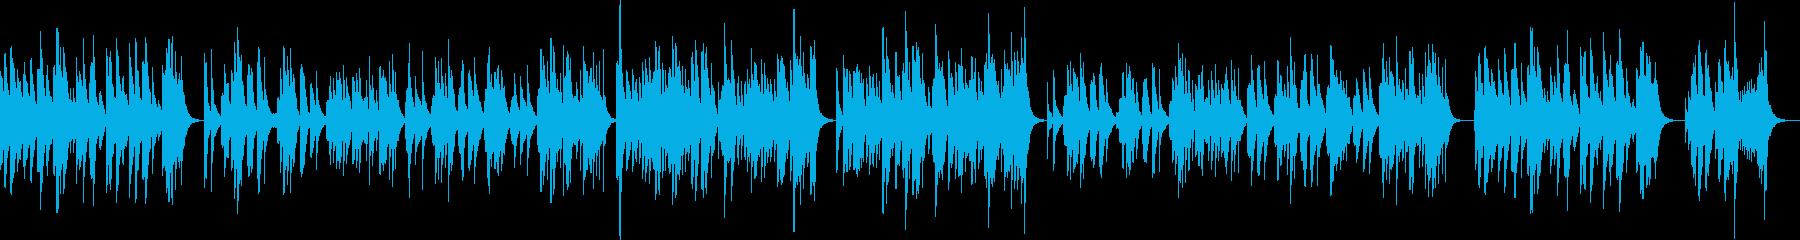 木琴・マリンバで考えてみようのテーマの再生済みの波形